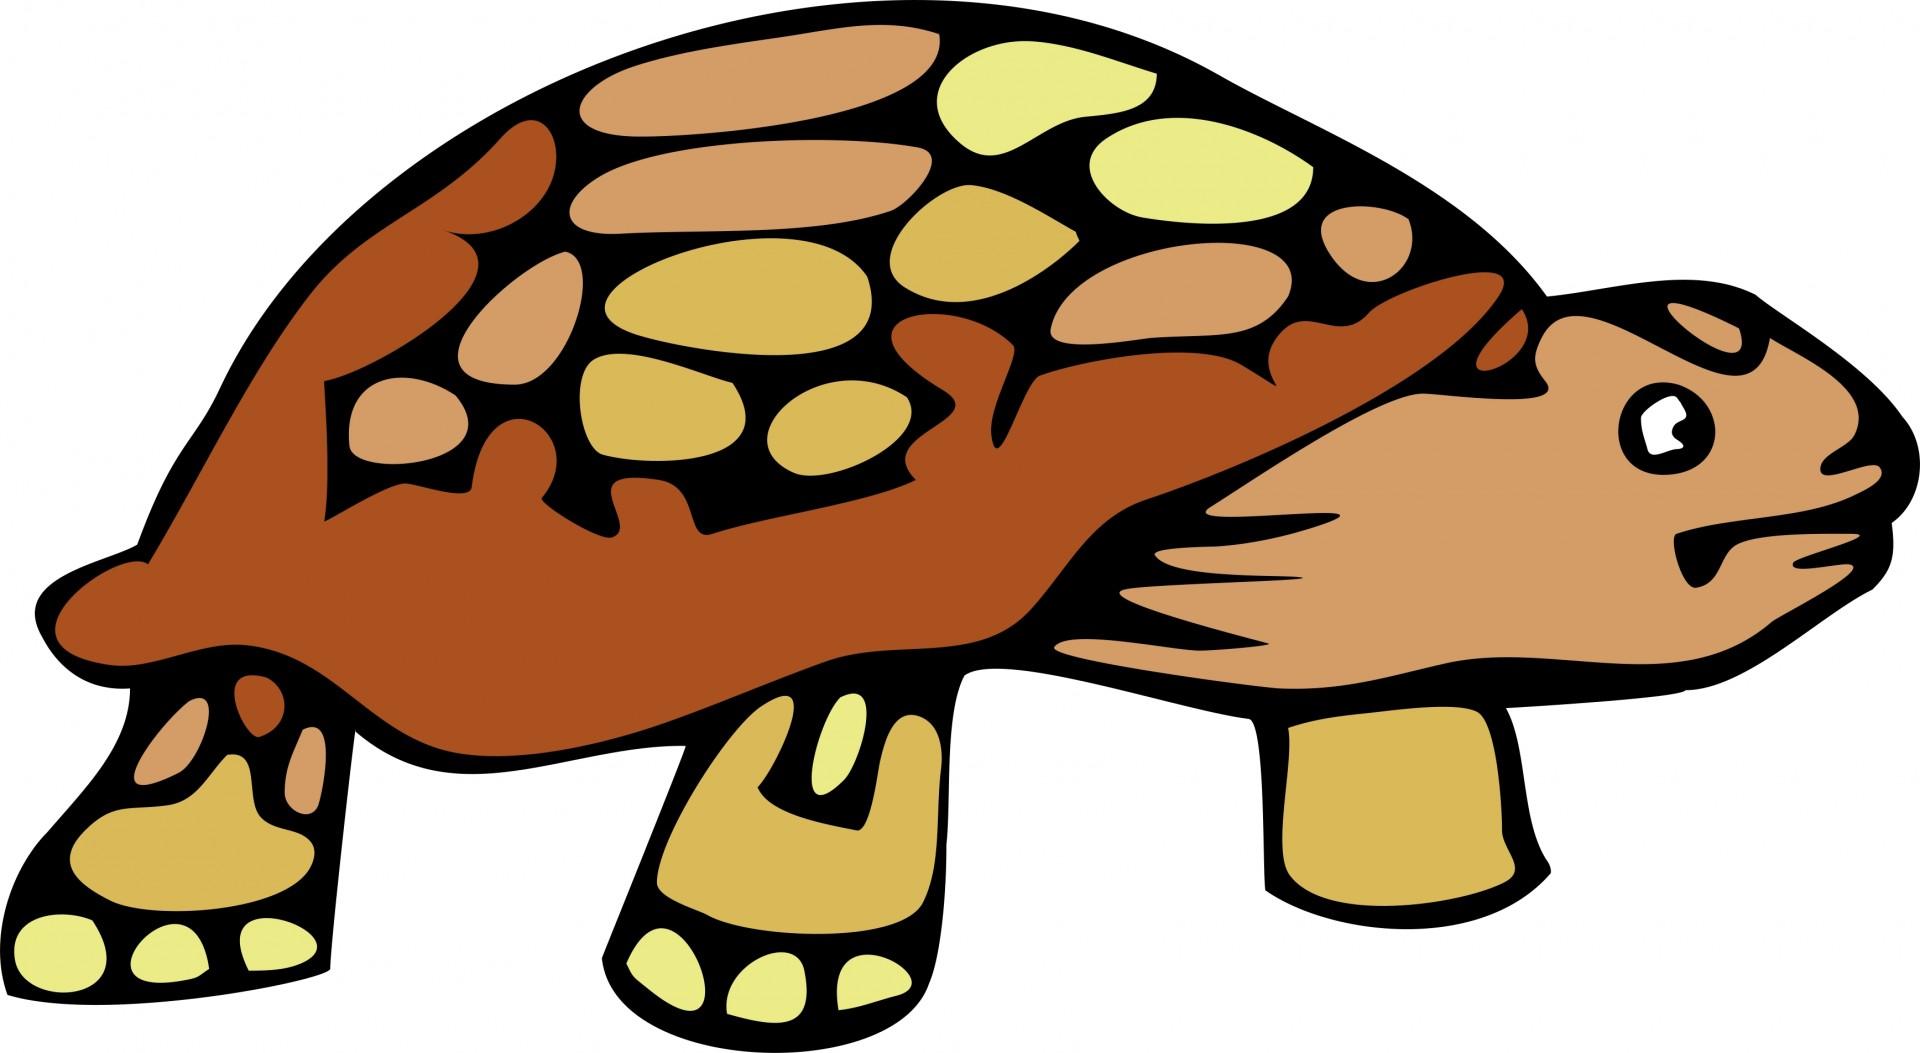 ... Tortoise Clip Art ...-... Tortoise Clip Art ...-13